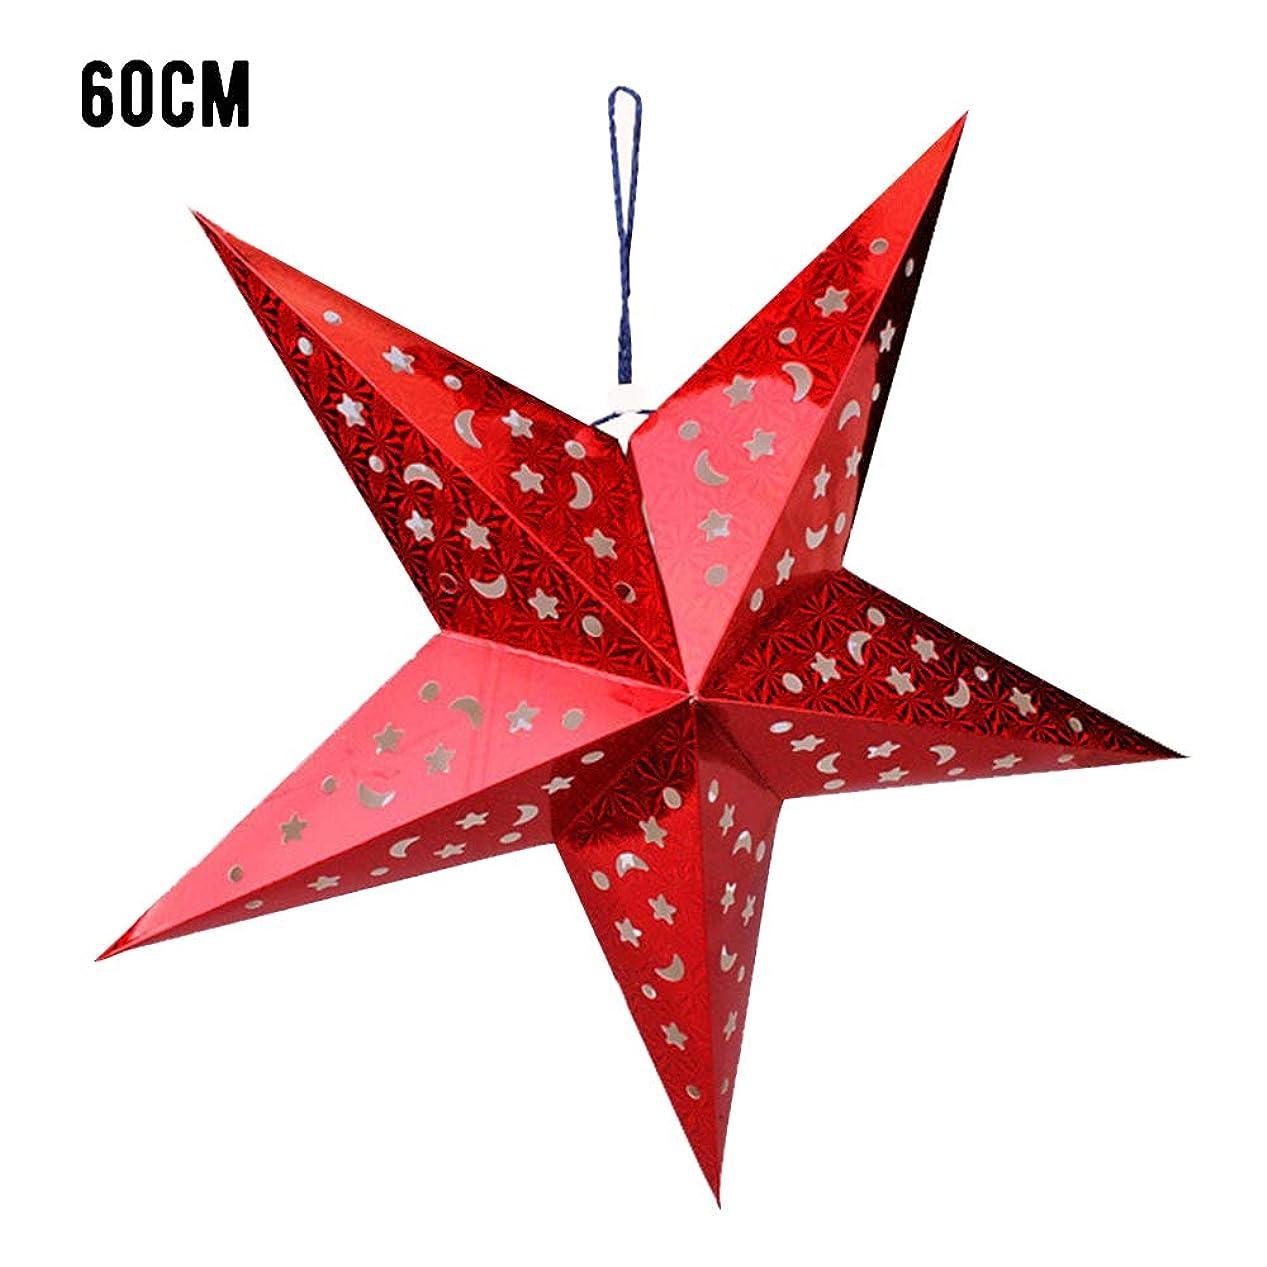 中庭に同意する空のクリスマストロップ GerTong レーザー紙 3D ぶら下げ 五芒星 スター柄 立体 星型 クリスマスツリー装飾 飾り オーナメント ランプシェード (レッド 60cm)